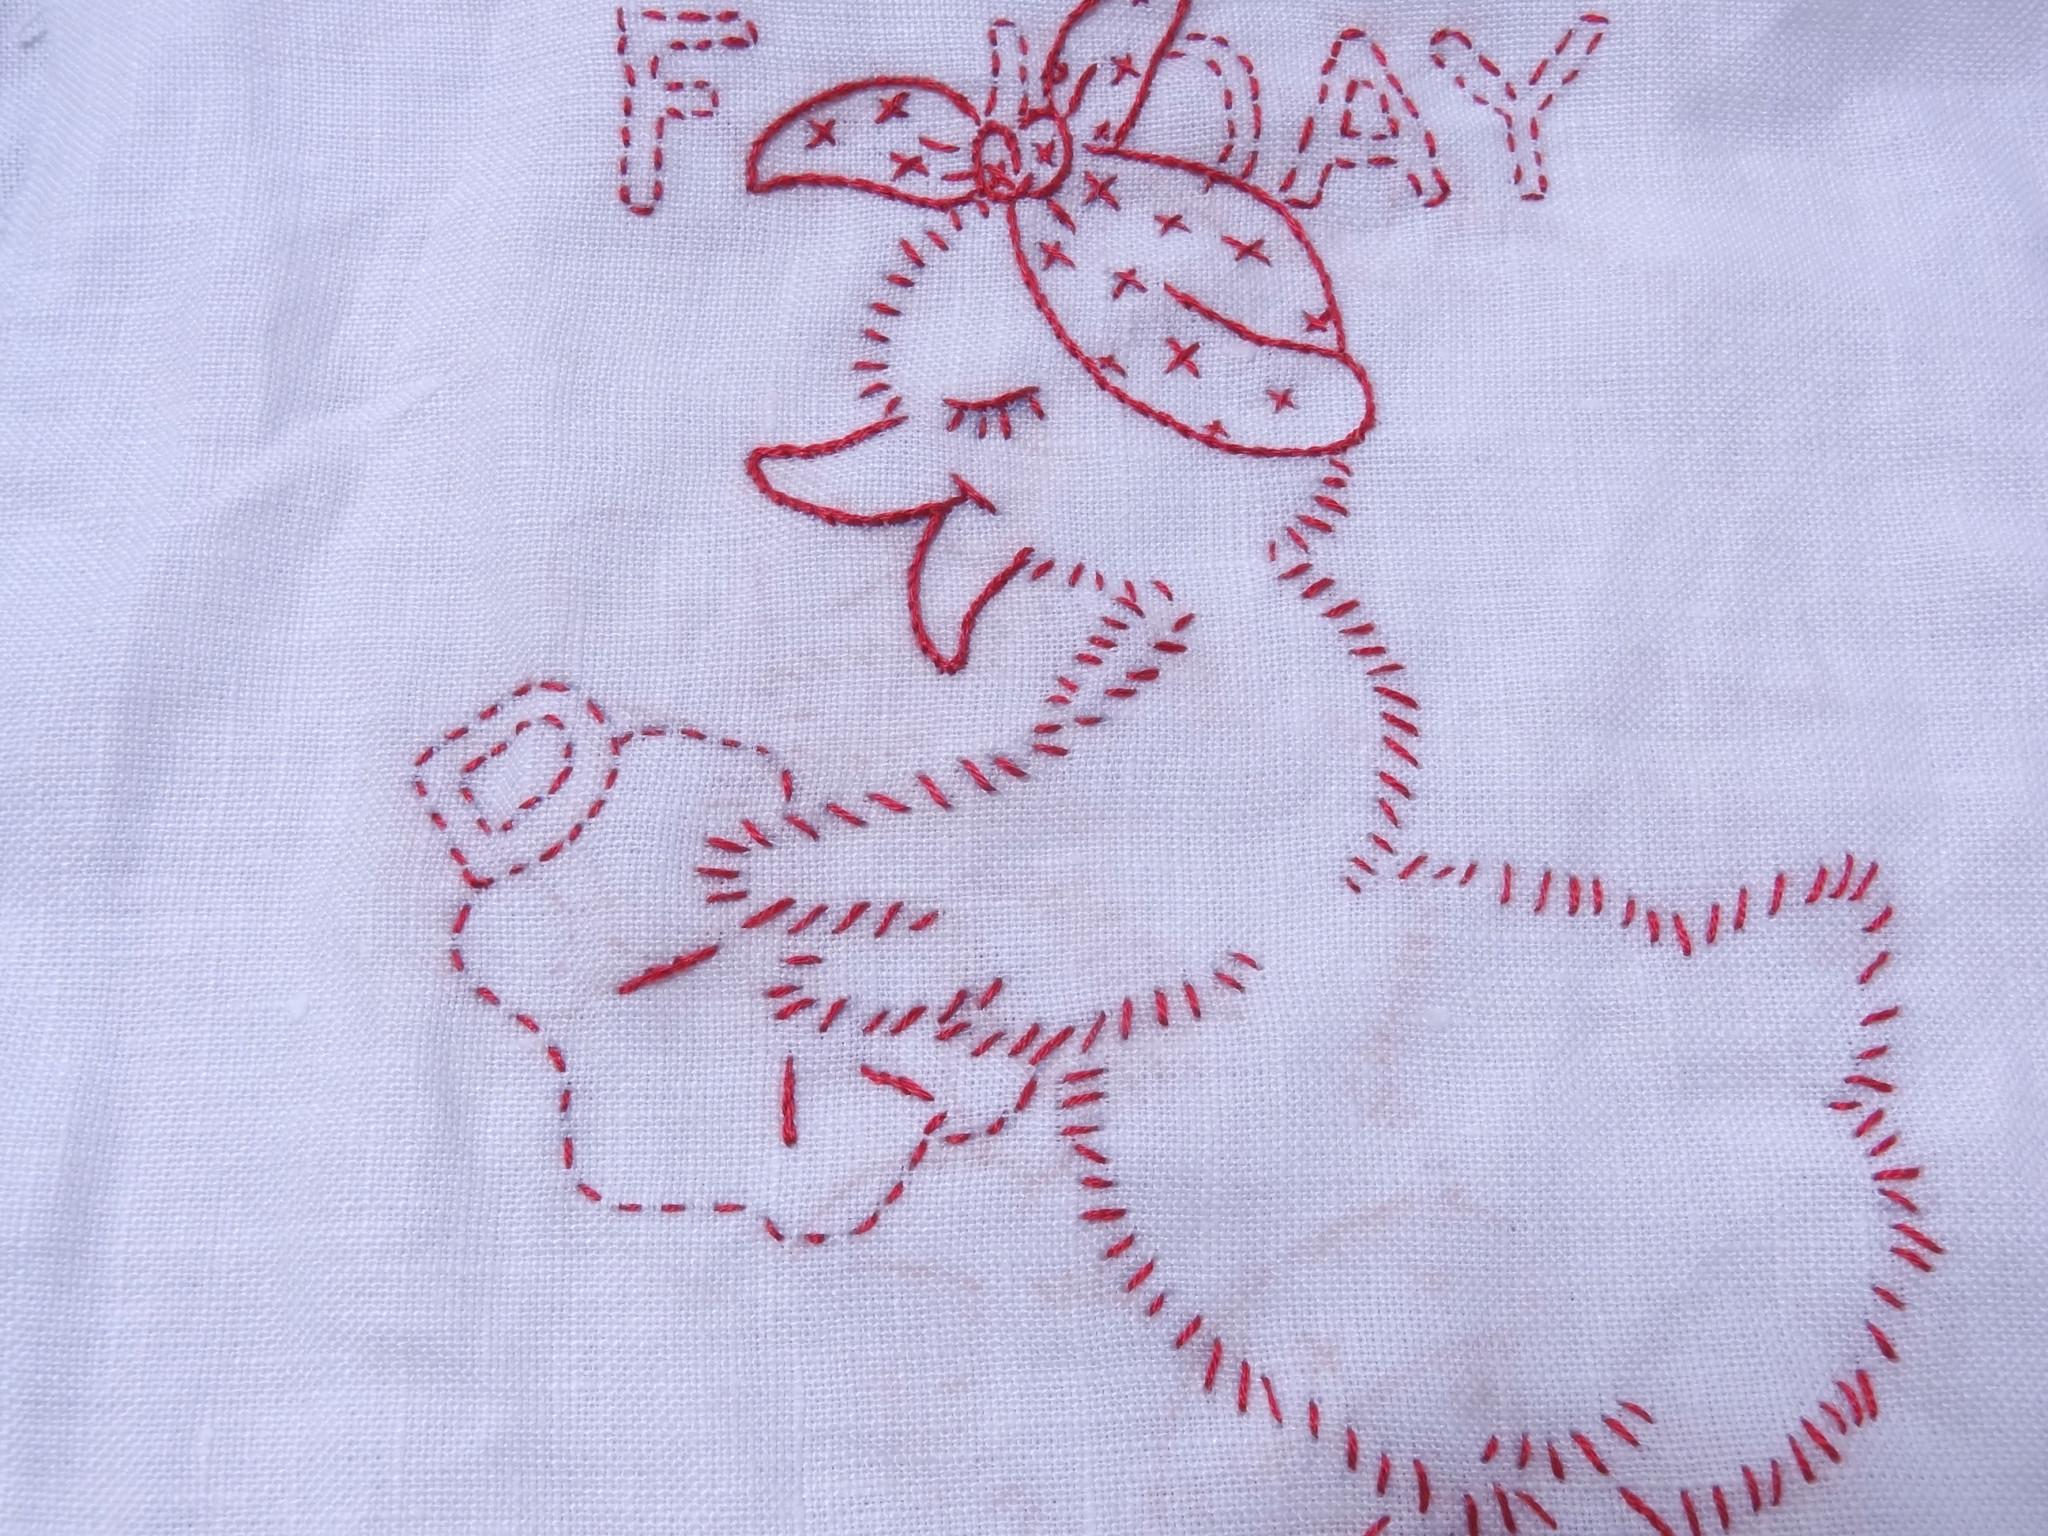 アントマーサの図案でアヒルの刺繍しました。